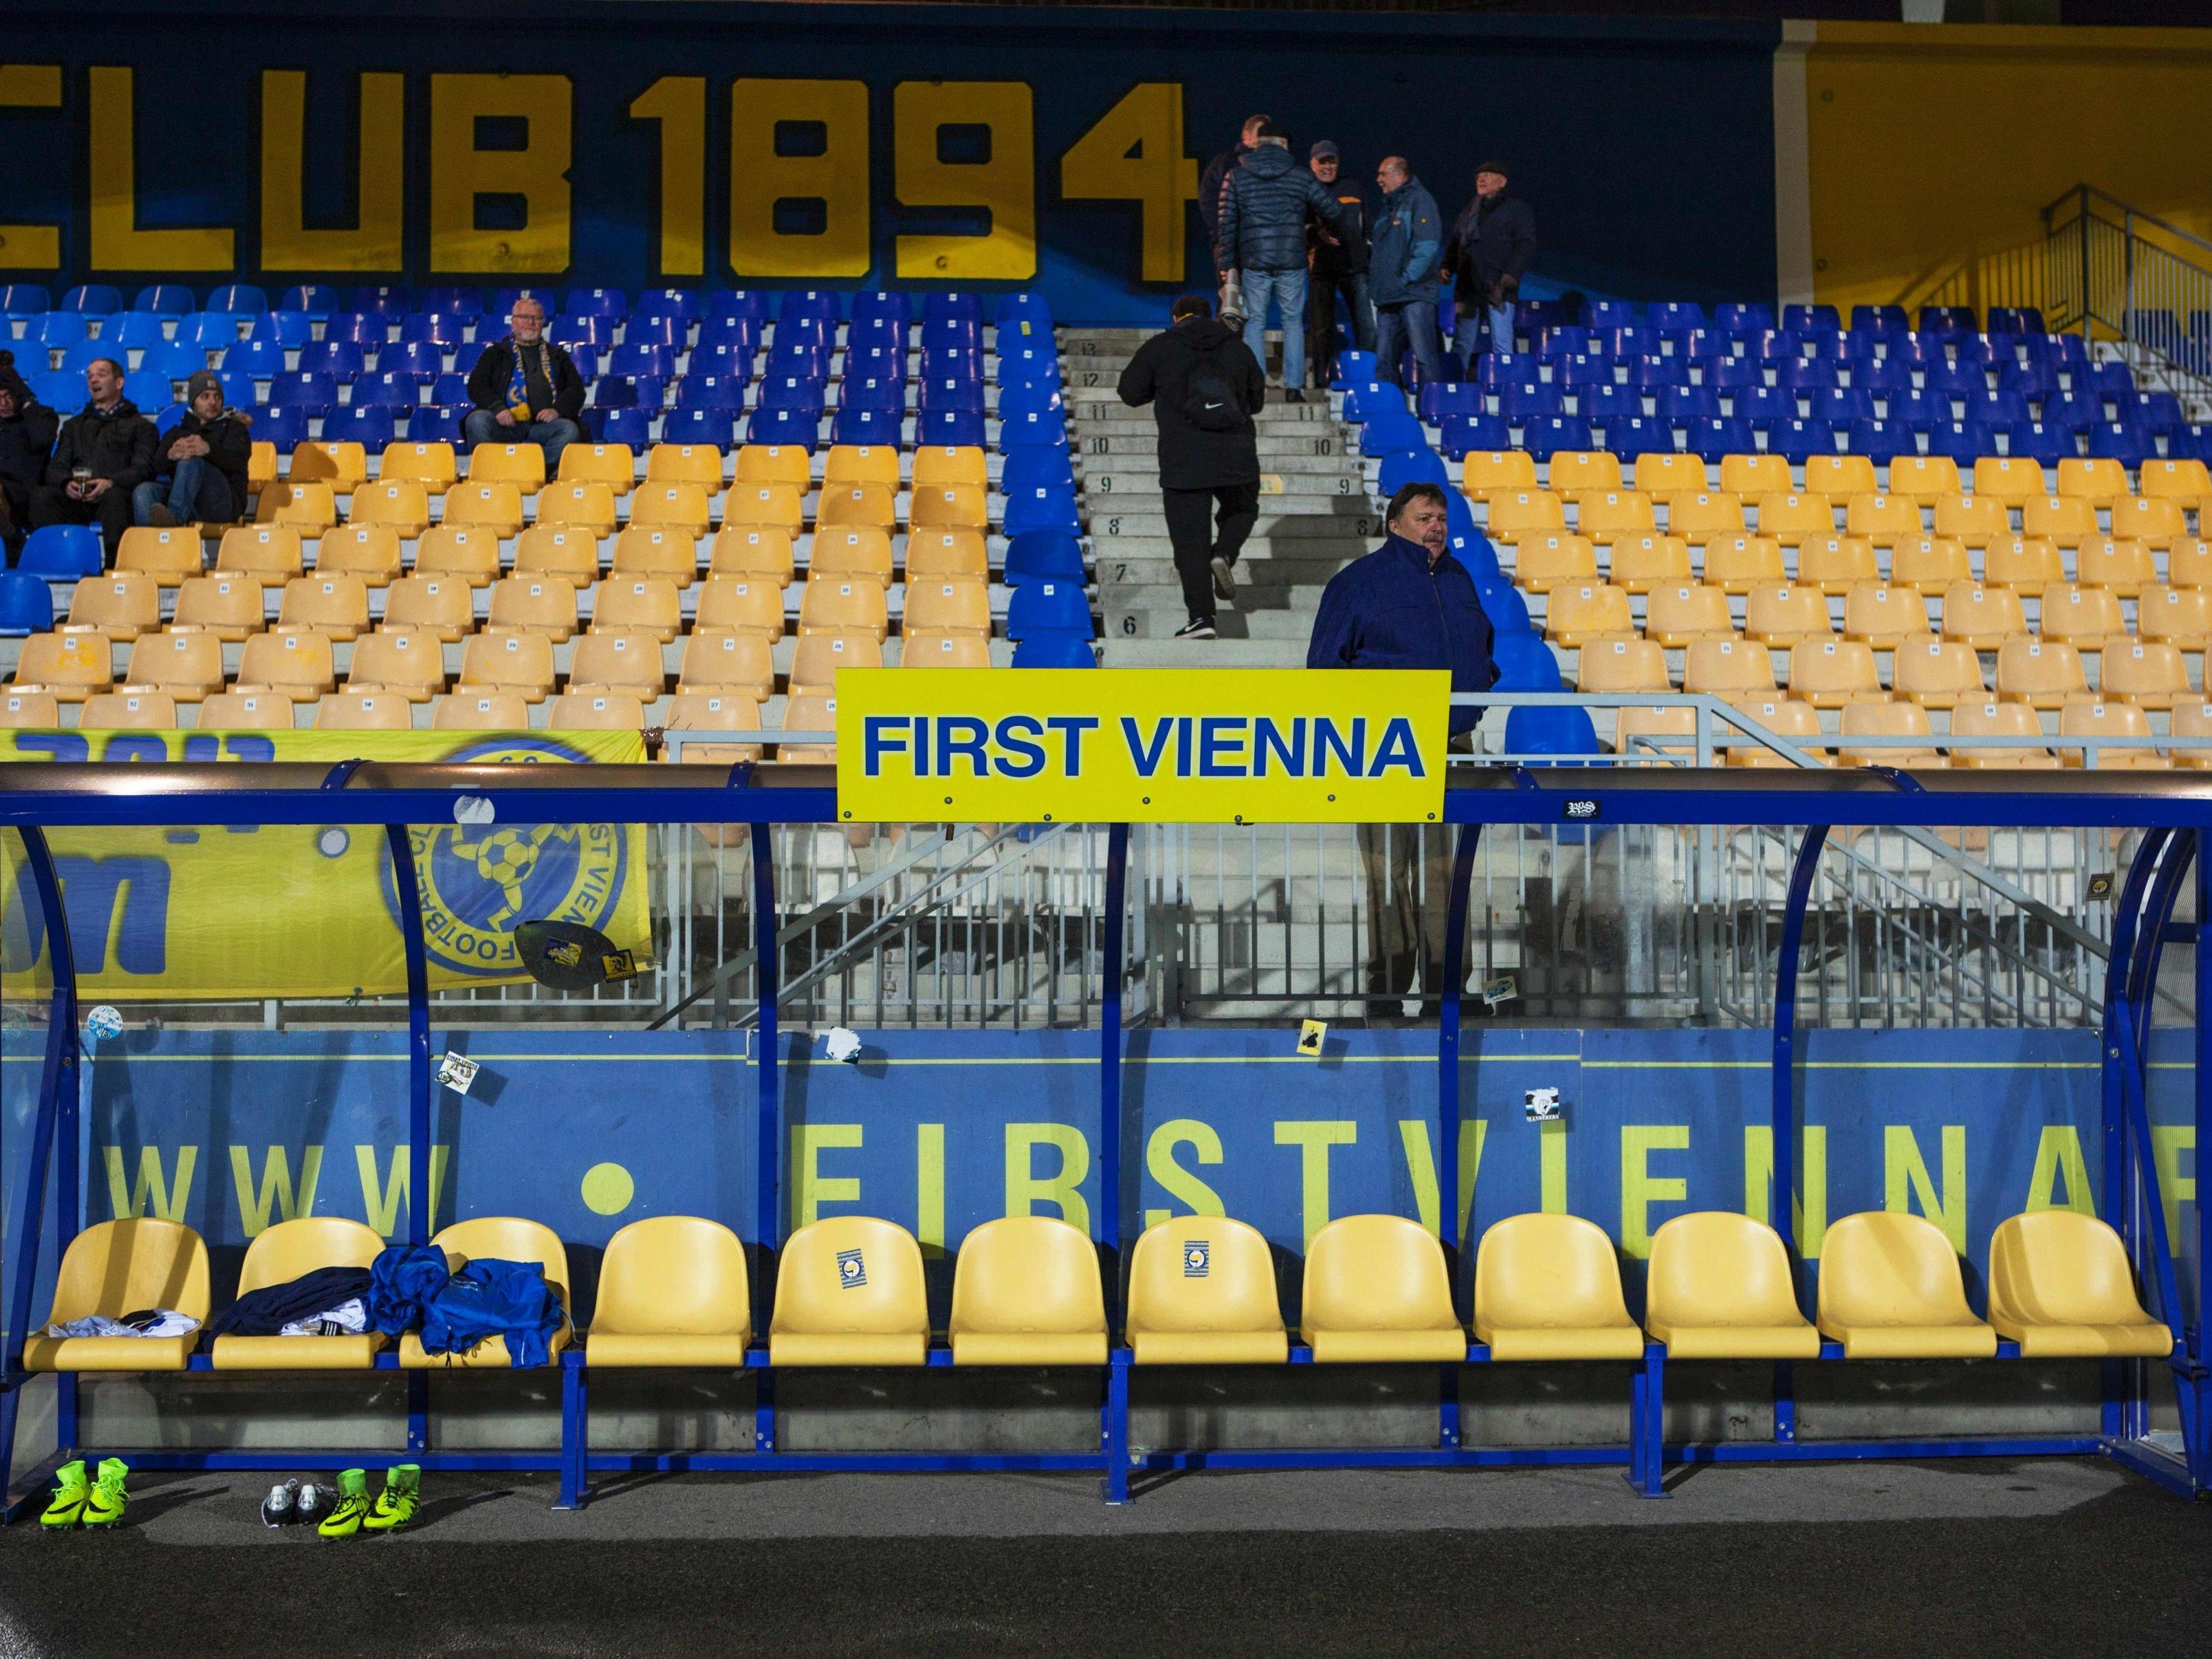 Die Vienna hat den Zwangsabstieg bestätigt bekommen